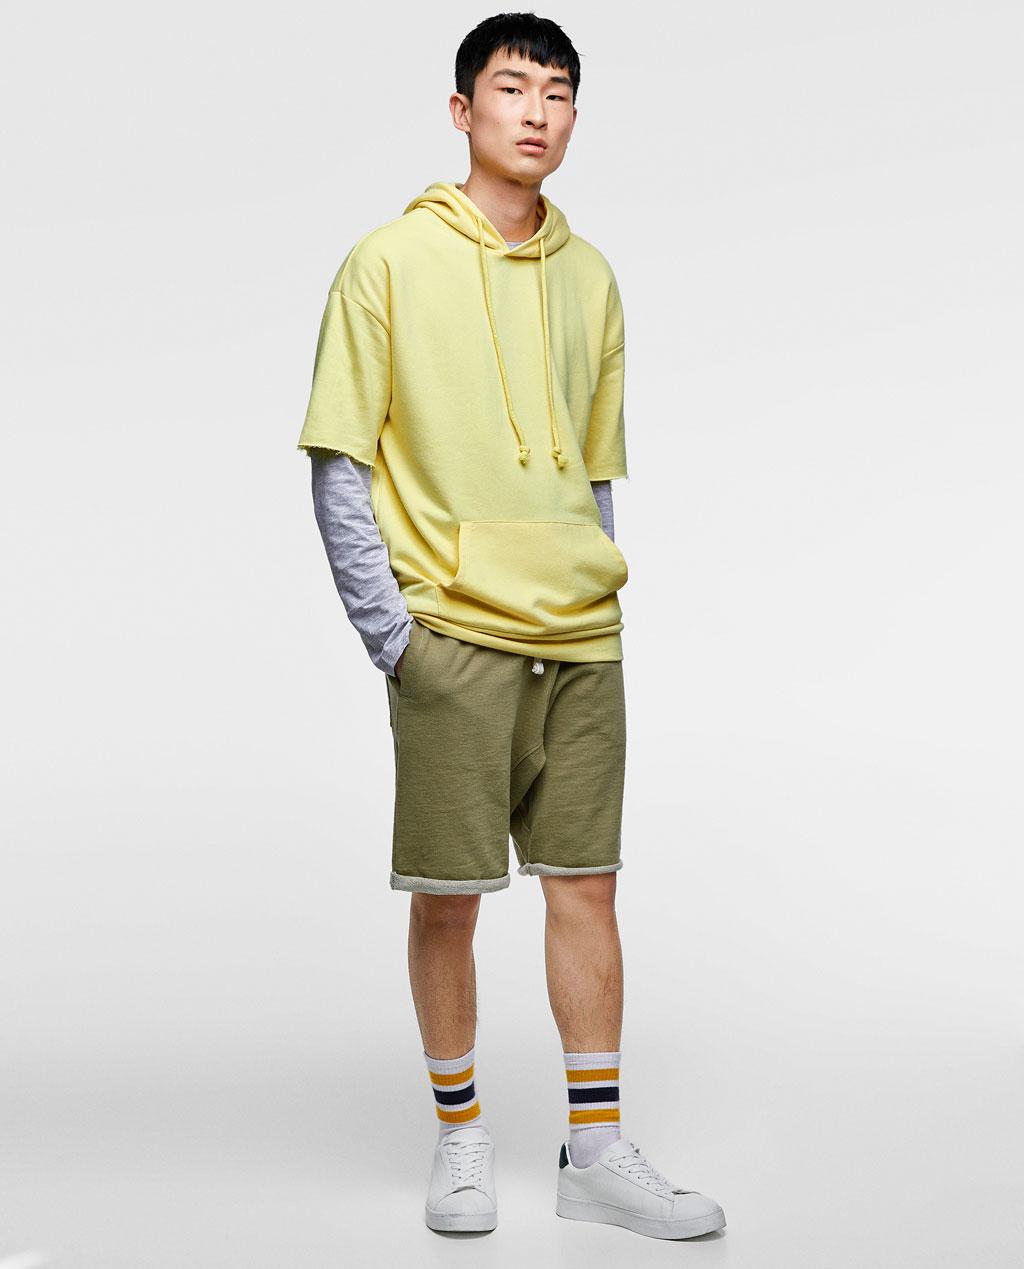 Thời trang nam Zara  24085 - ảnh 3